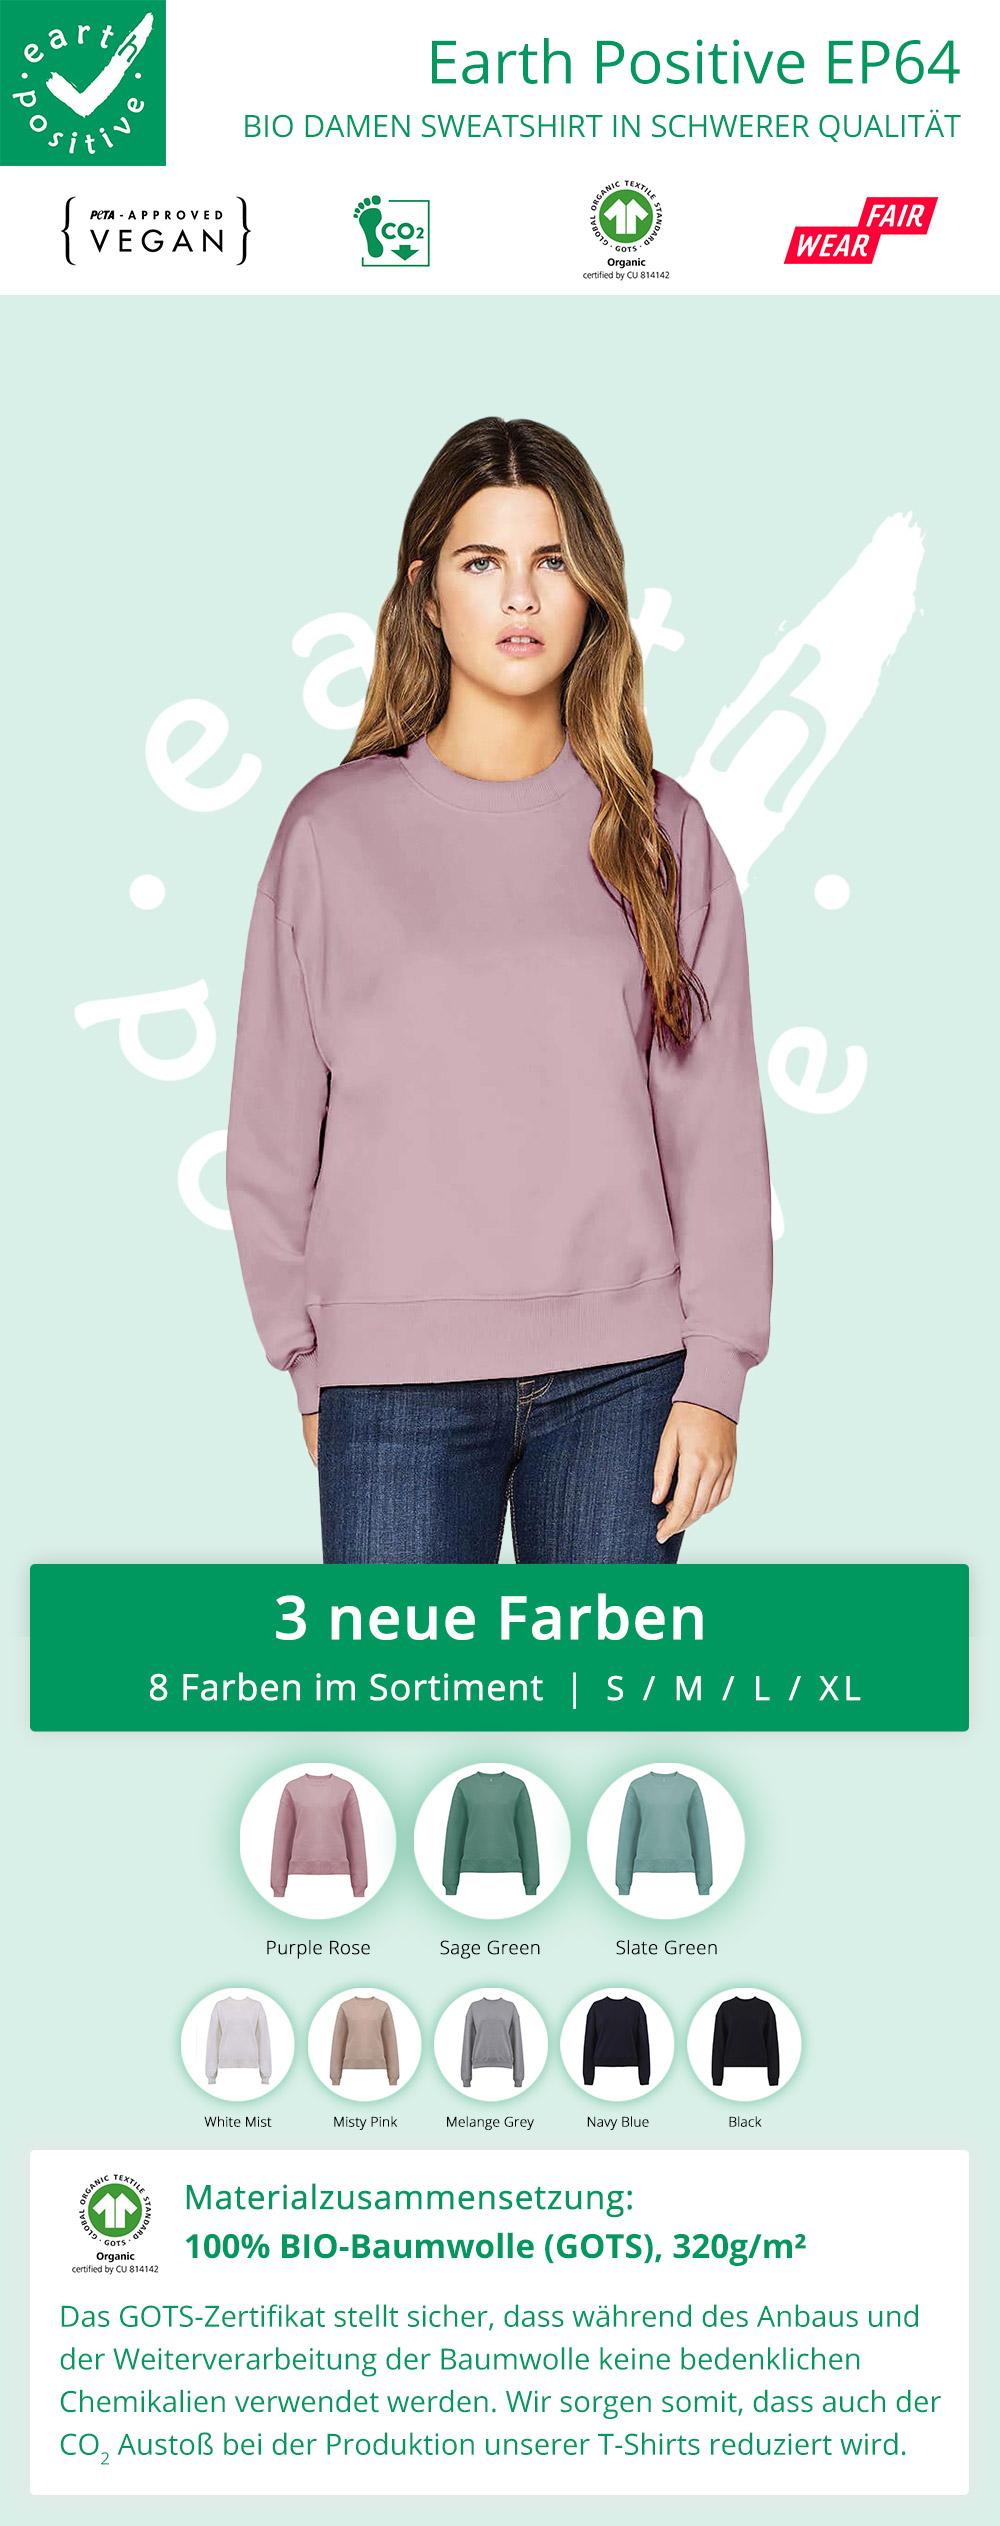 Newsletter-EP64-2020-neue-Farben